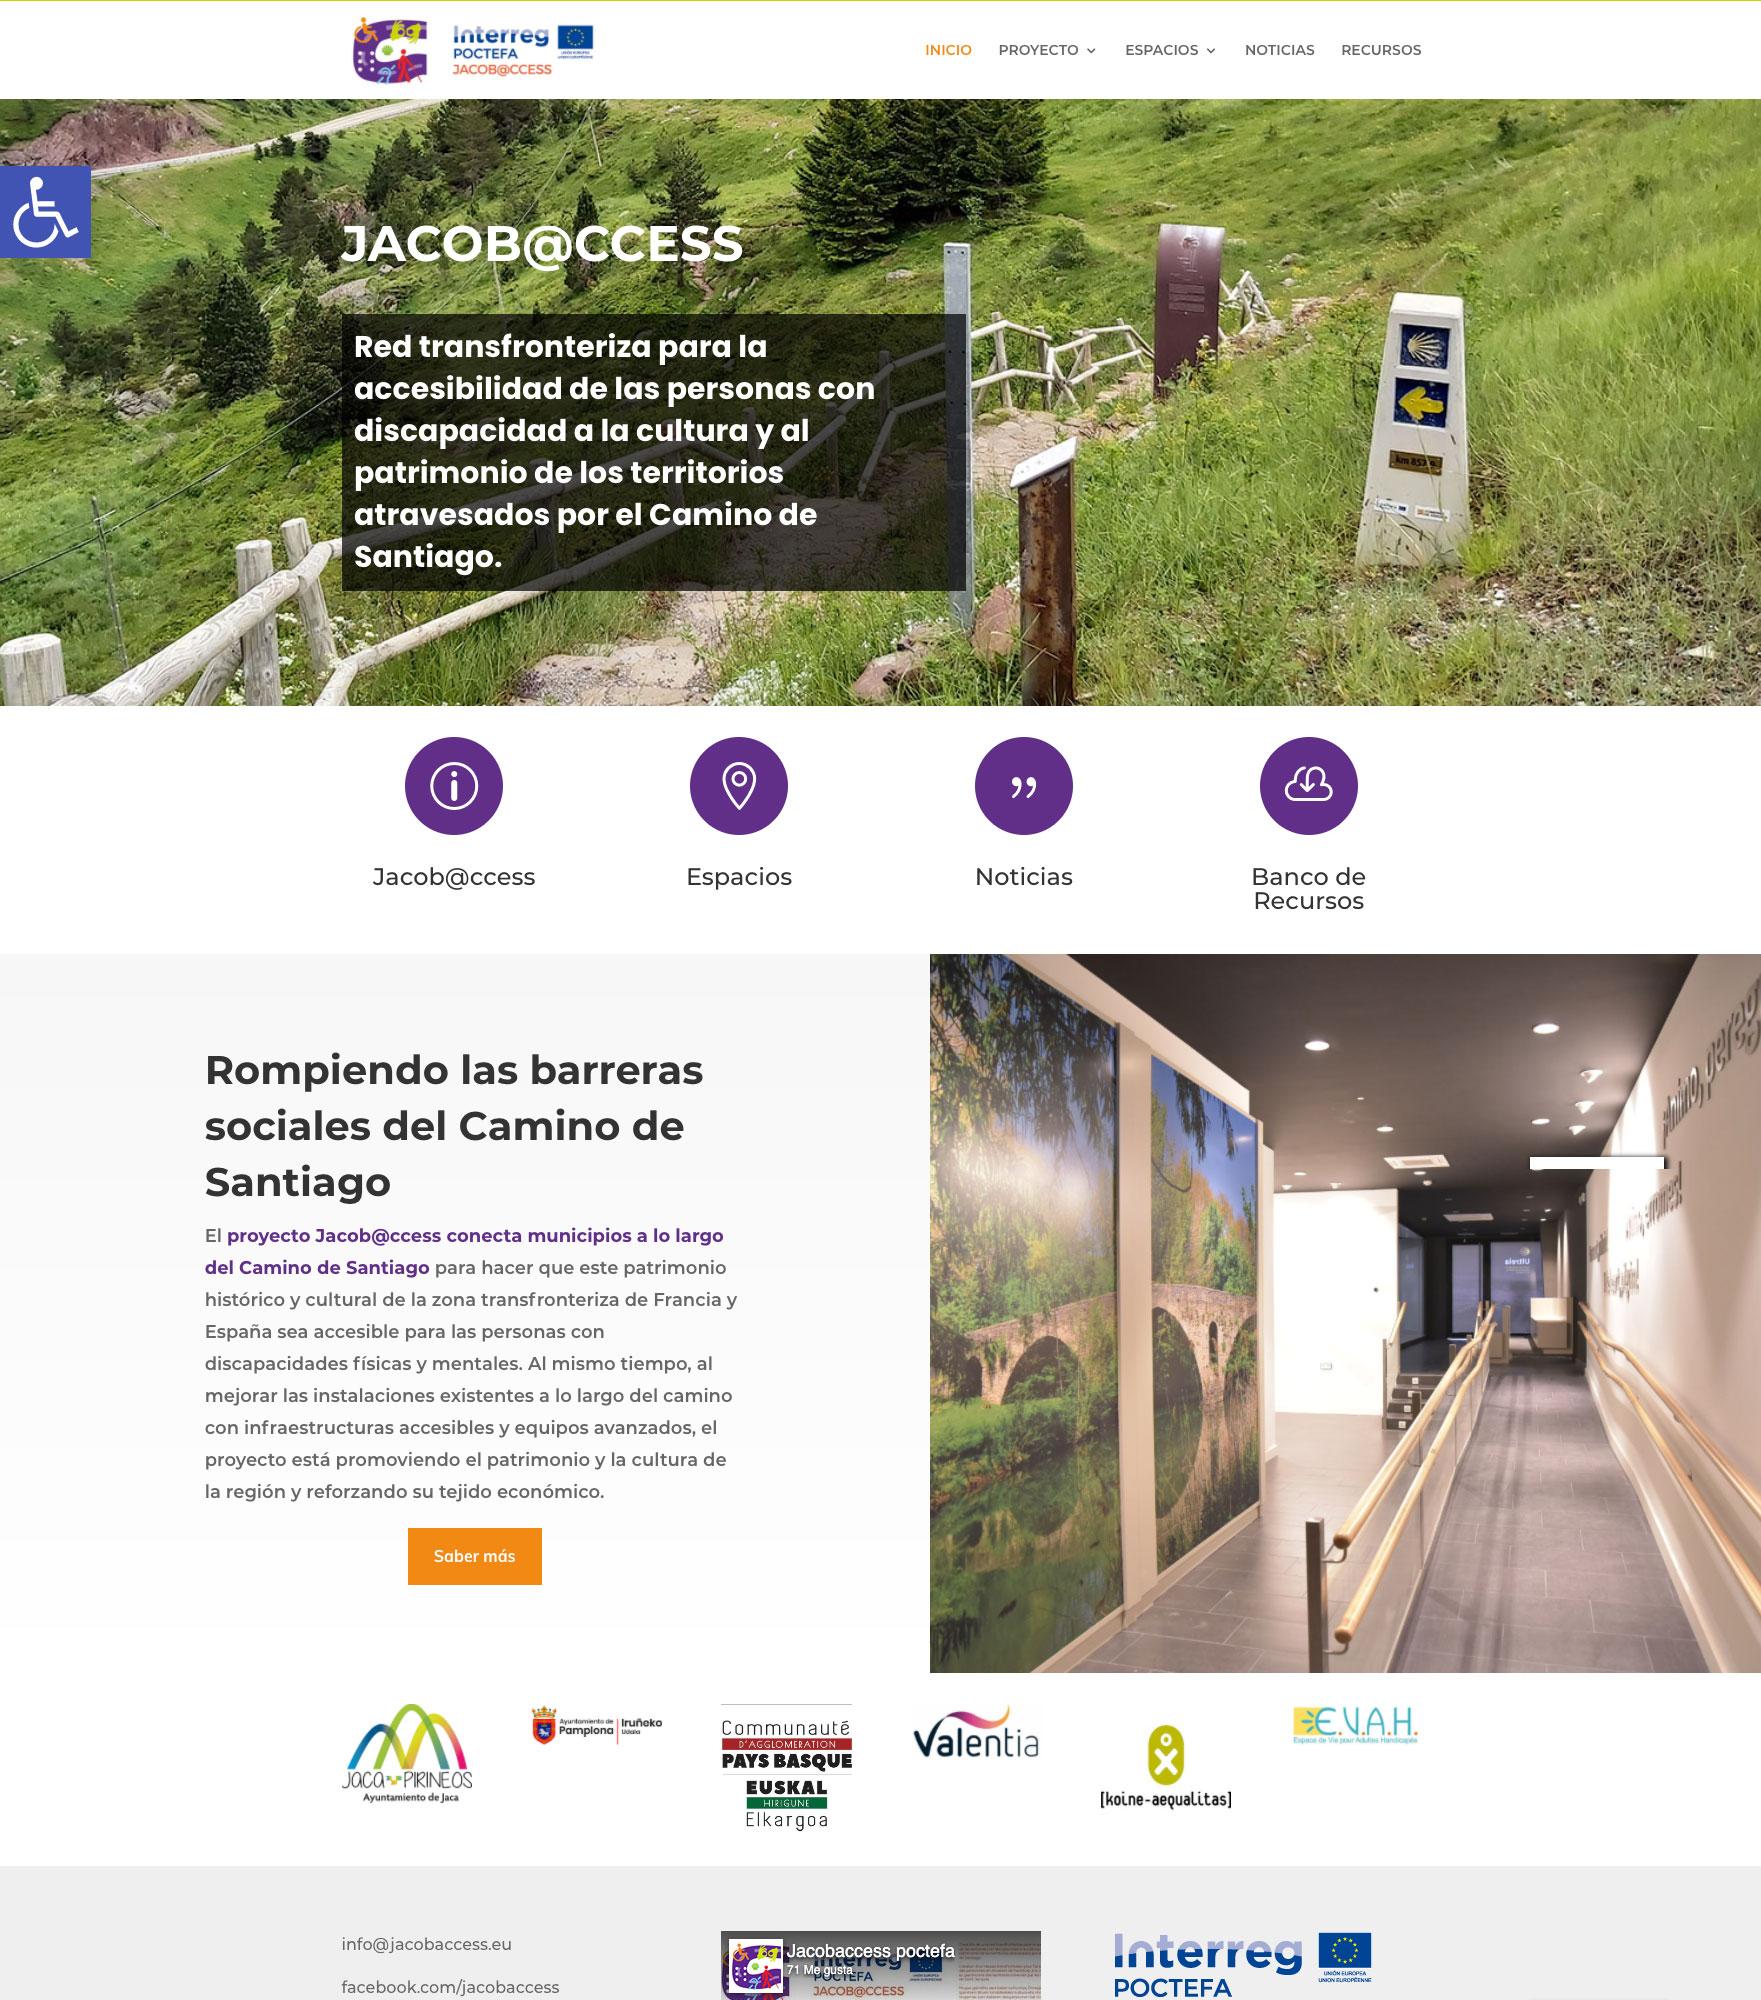 El proyecto Jacob@ccess, liderado por el Ayuntamiento de Jaca, ha puesto en marcha estos días su nuevo sitio web que ofrece información sobre la actualidad, acciones, sedes y objetivos de este programa transfronterizo, cofinanciado por el Fondo Europeo de Desarrollo Regional.